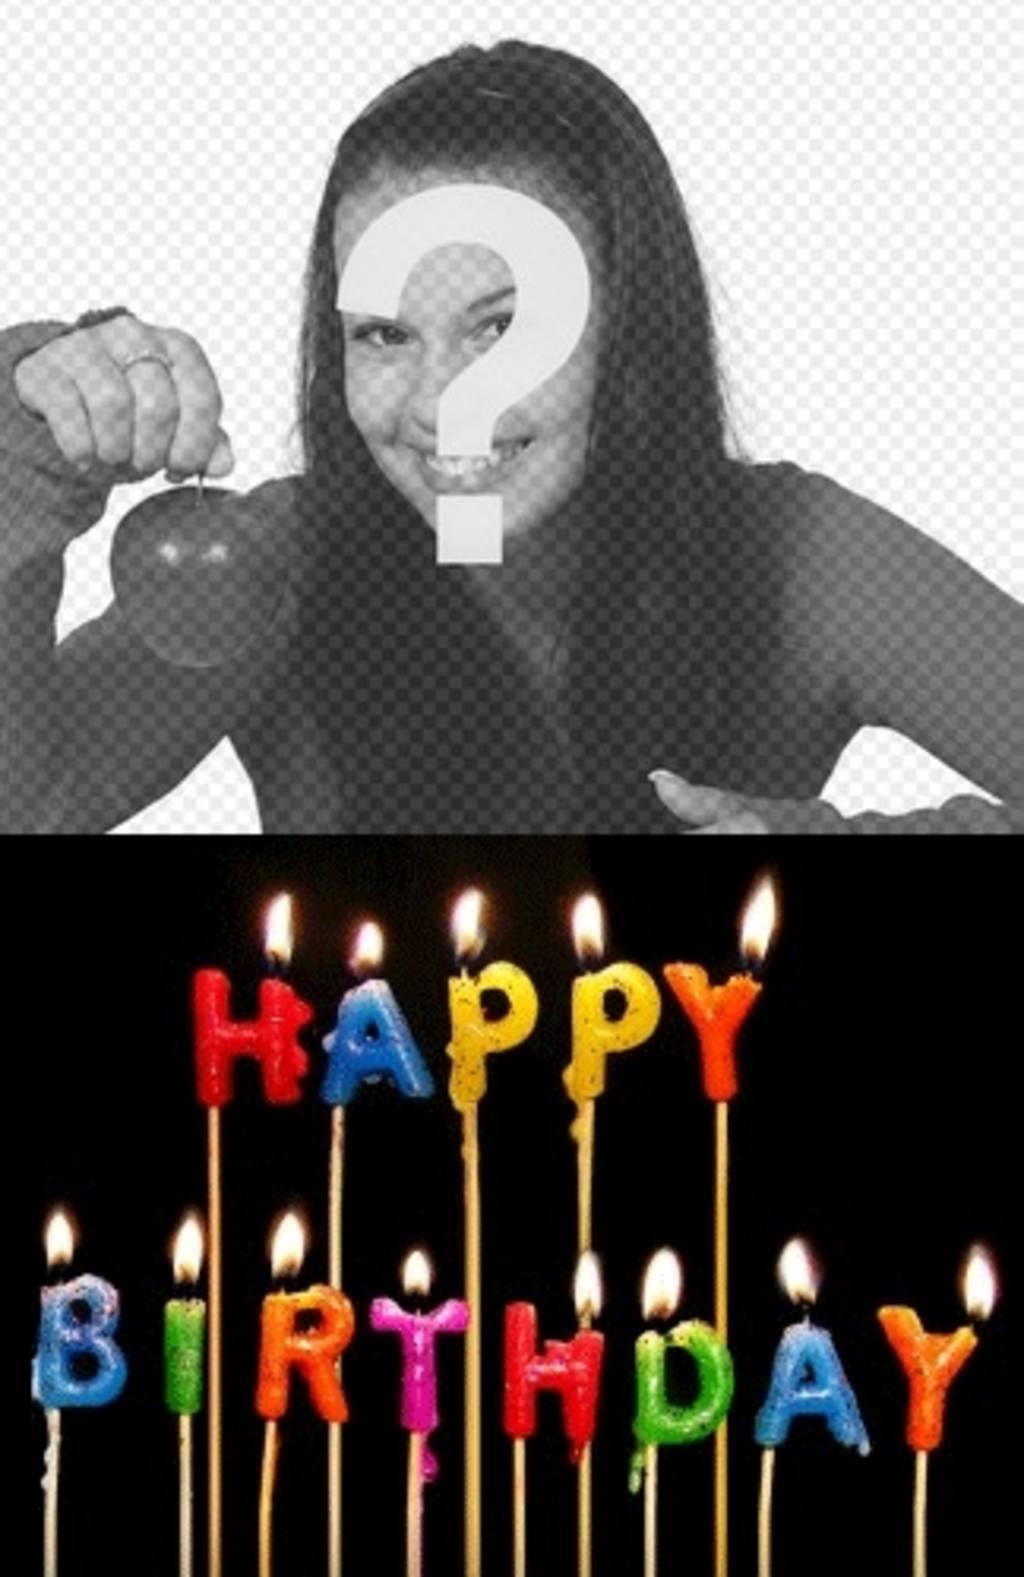 """Modèle pour créer une carte d""""anniversaire personnalisé avec votre photo, vous pouvez télécharger d""""ajouter ces bougies avec le texte couleurs de l""""anniversaire. Votre photo apparaîtra dans l""""arrière-plan"""